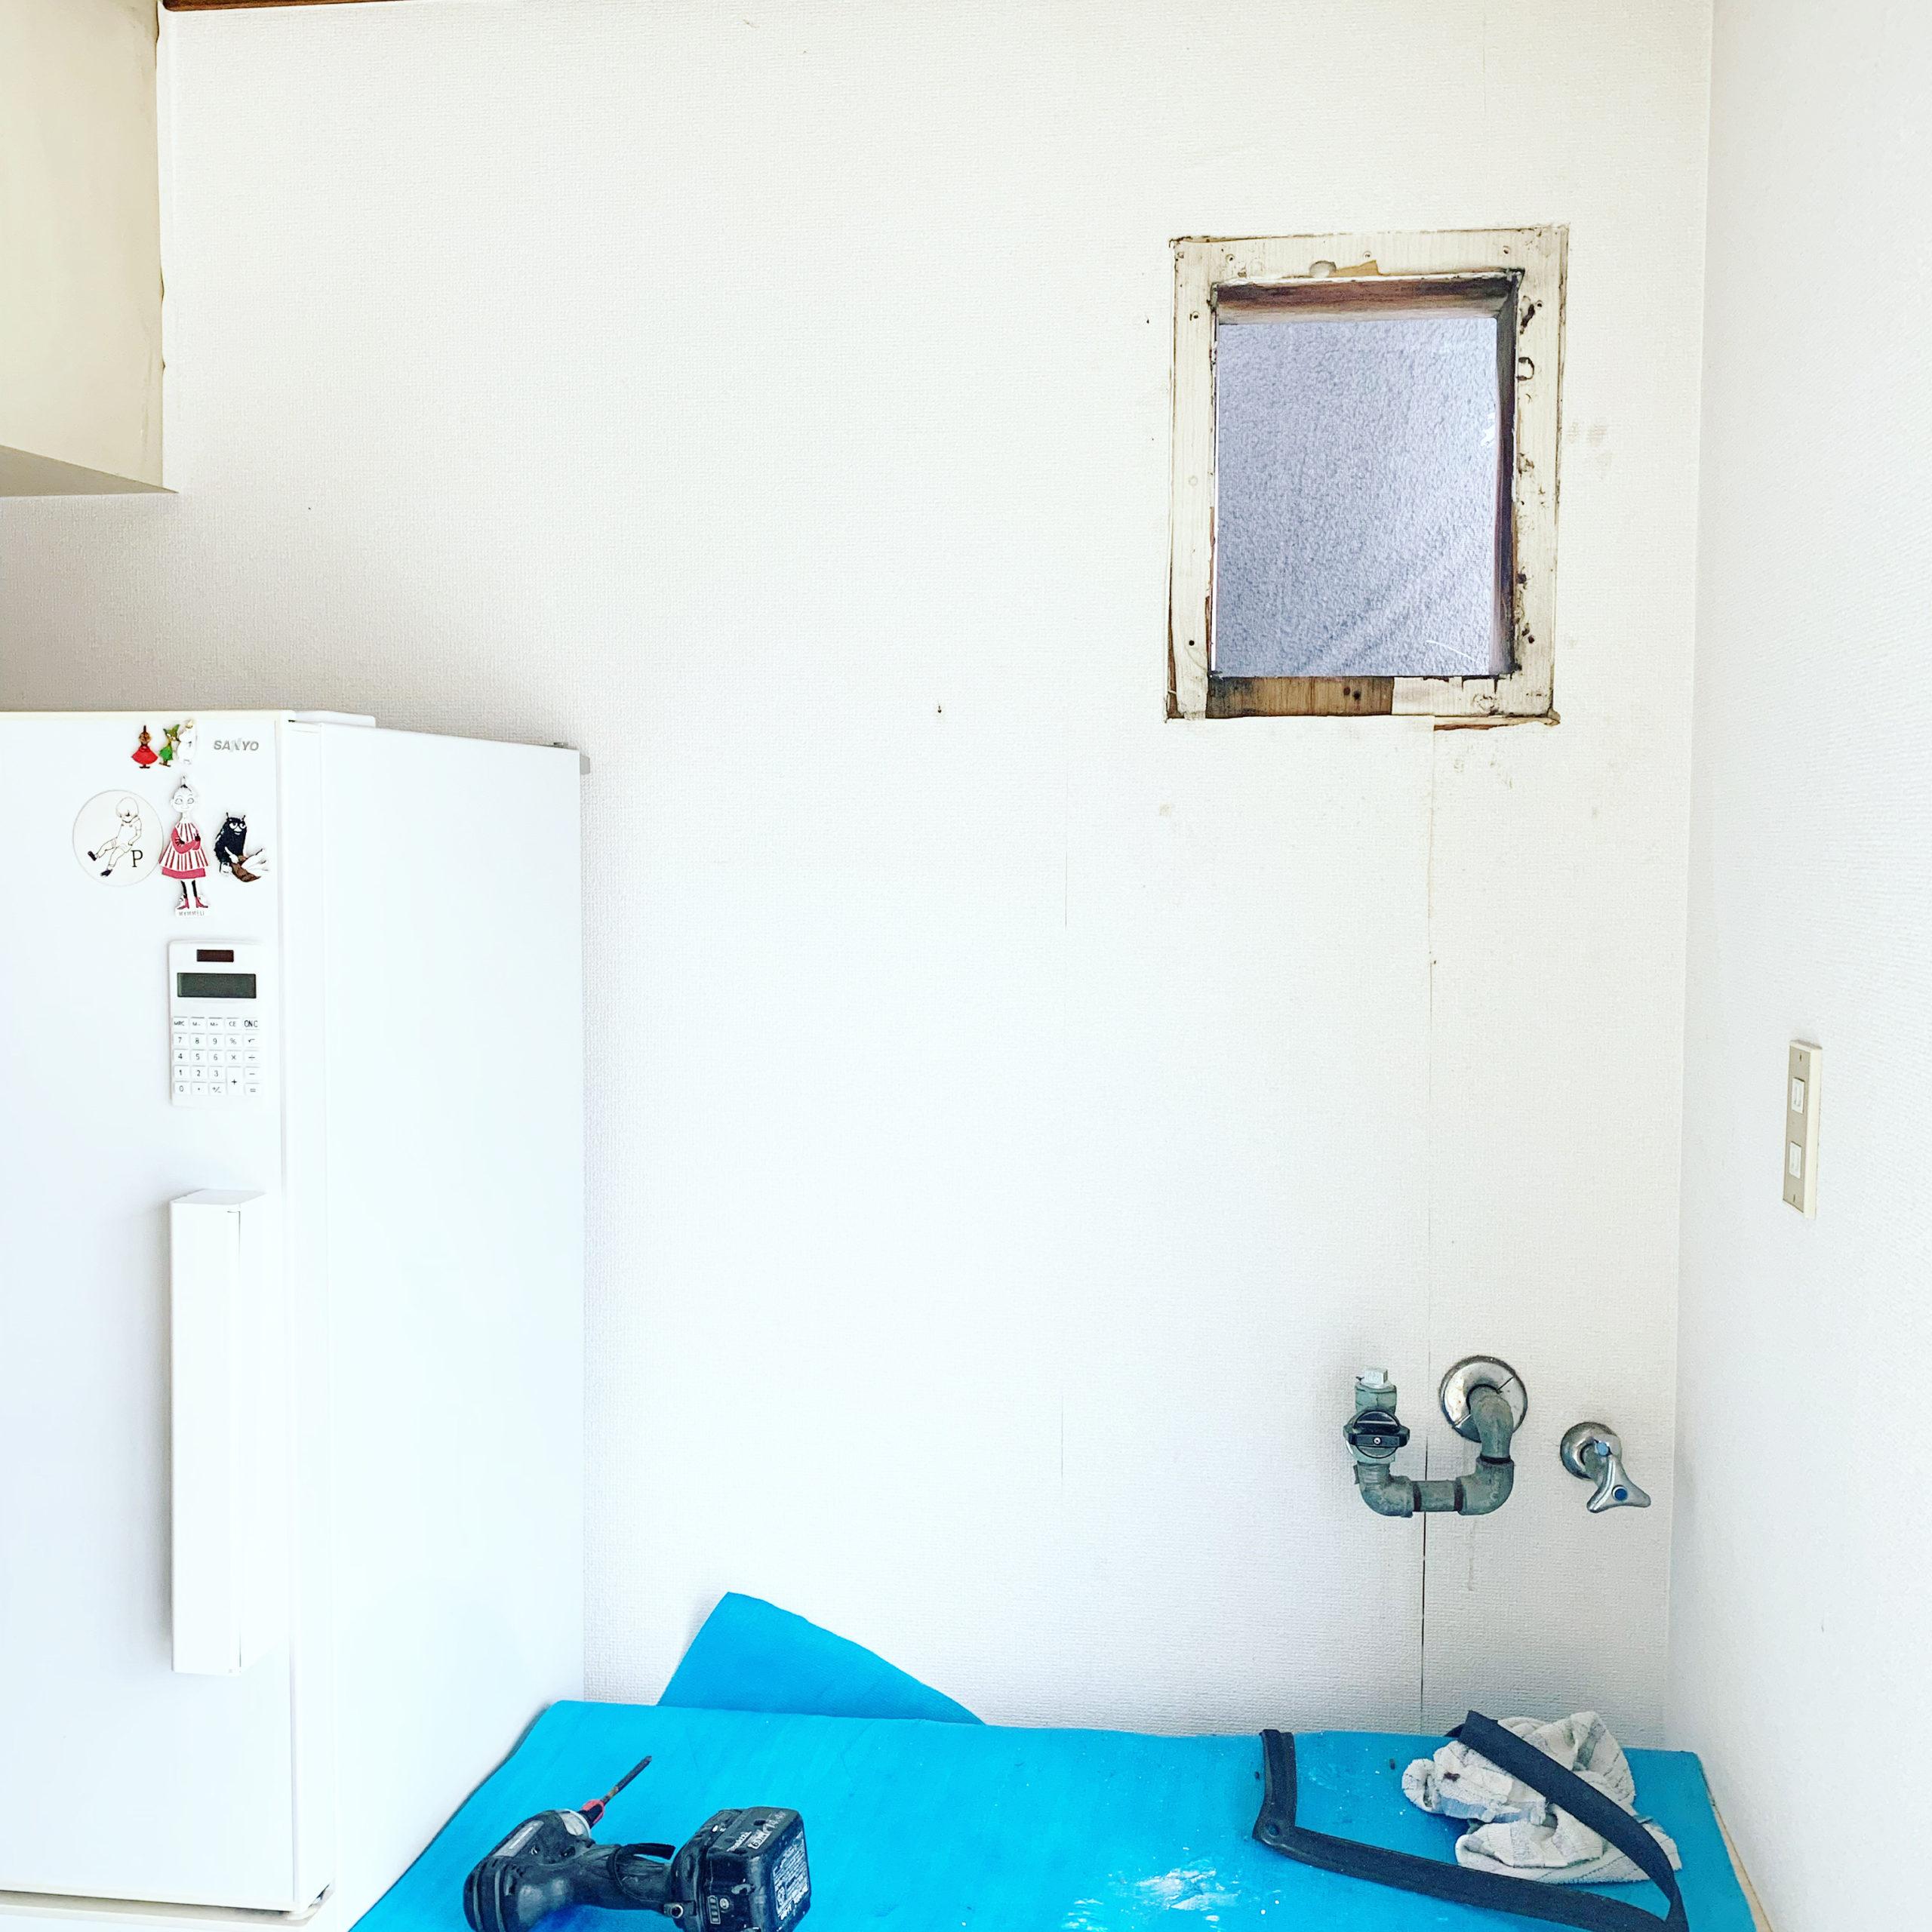 給湯器のあった場所の排気口